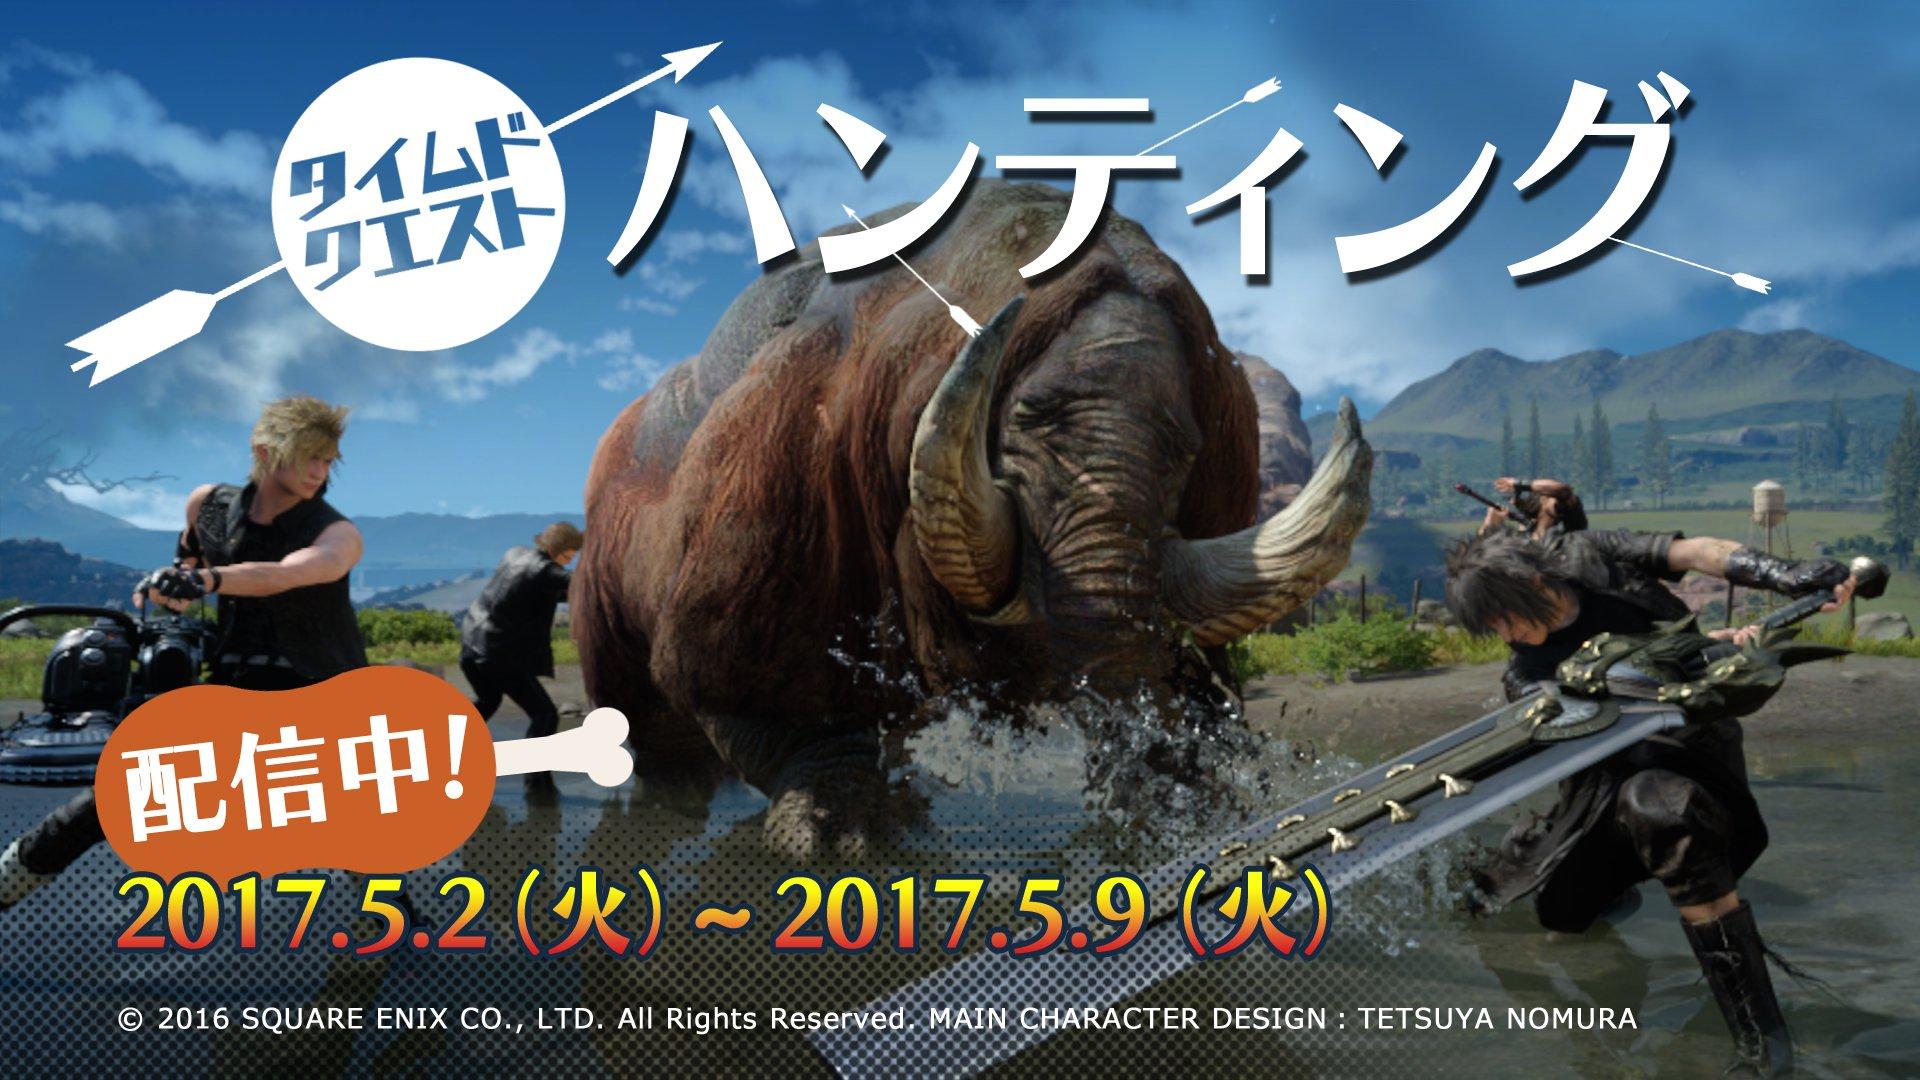 La nuova missione a tempo di Final Fantasy XV? Una gara di caccia!